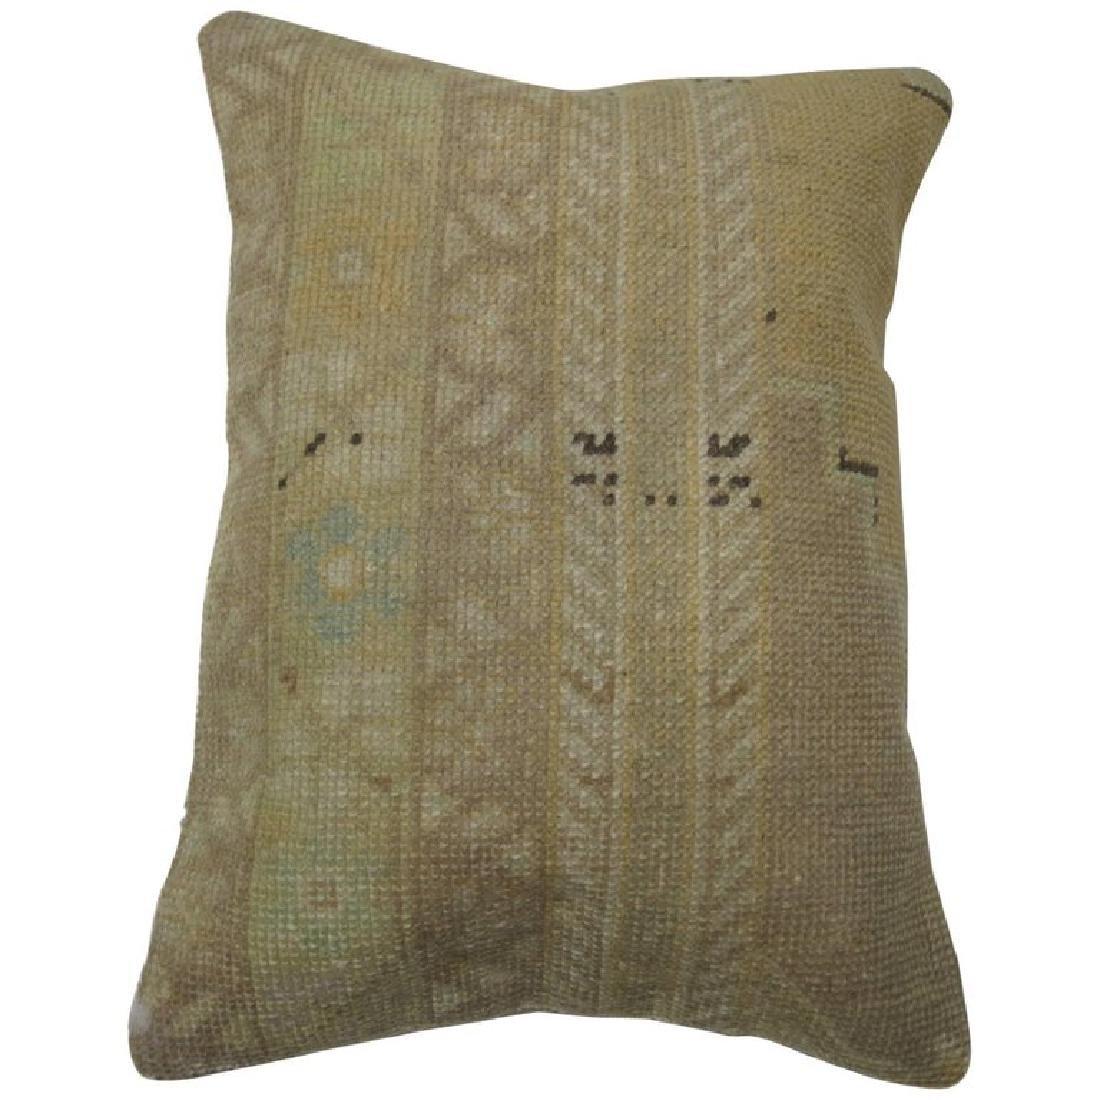 Vintage Oushak Rug Pillow 1.3x1.9x1.9